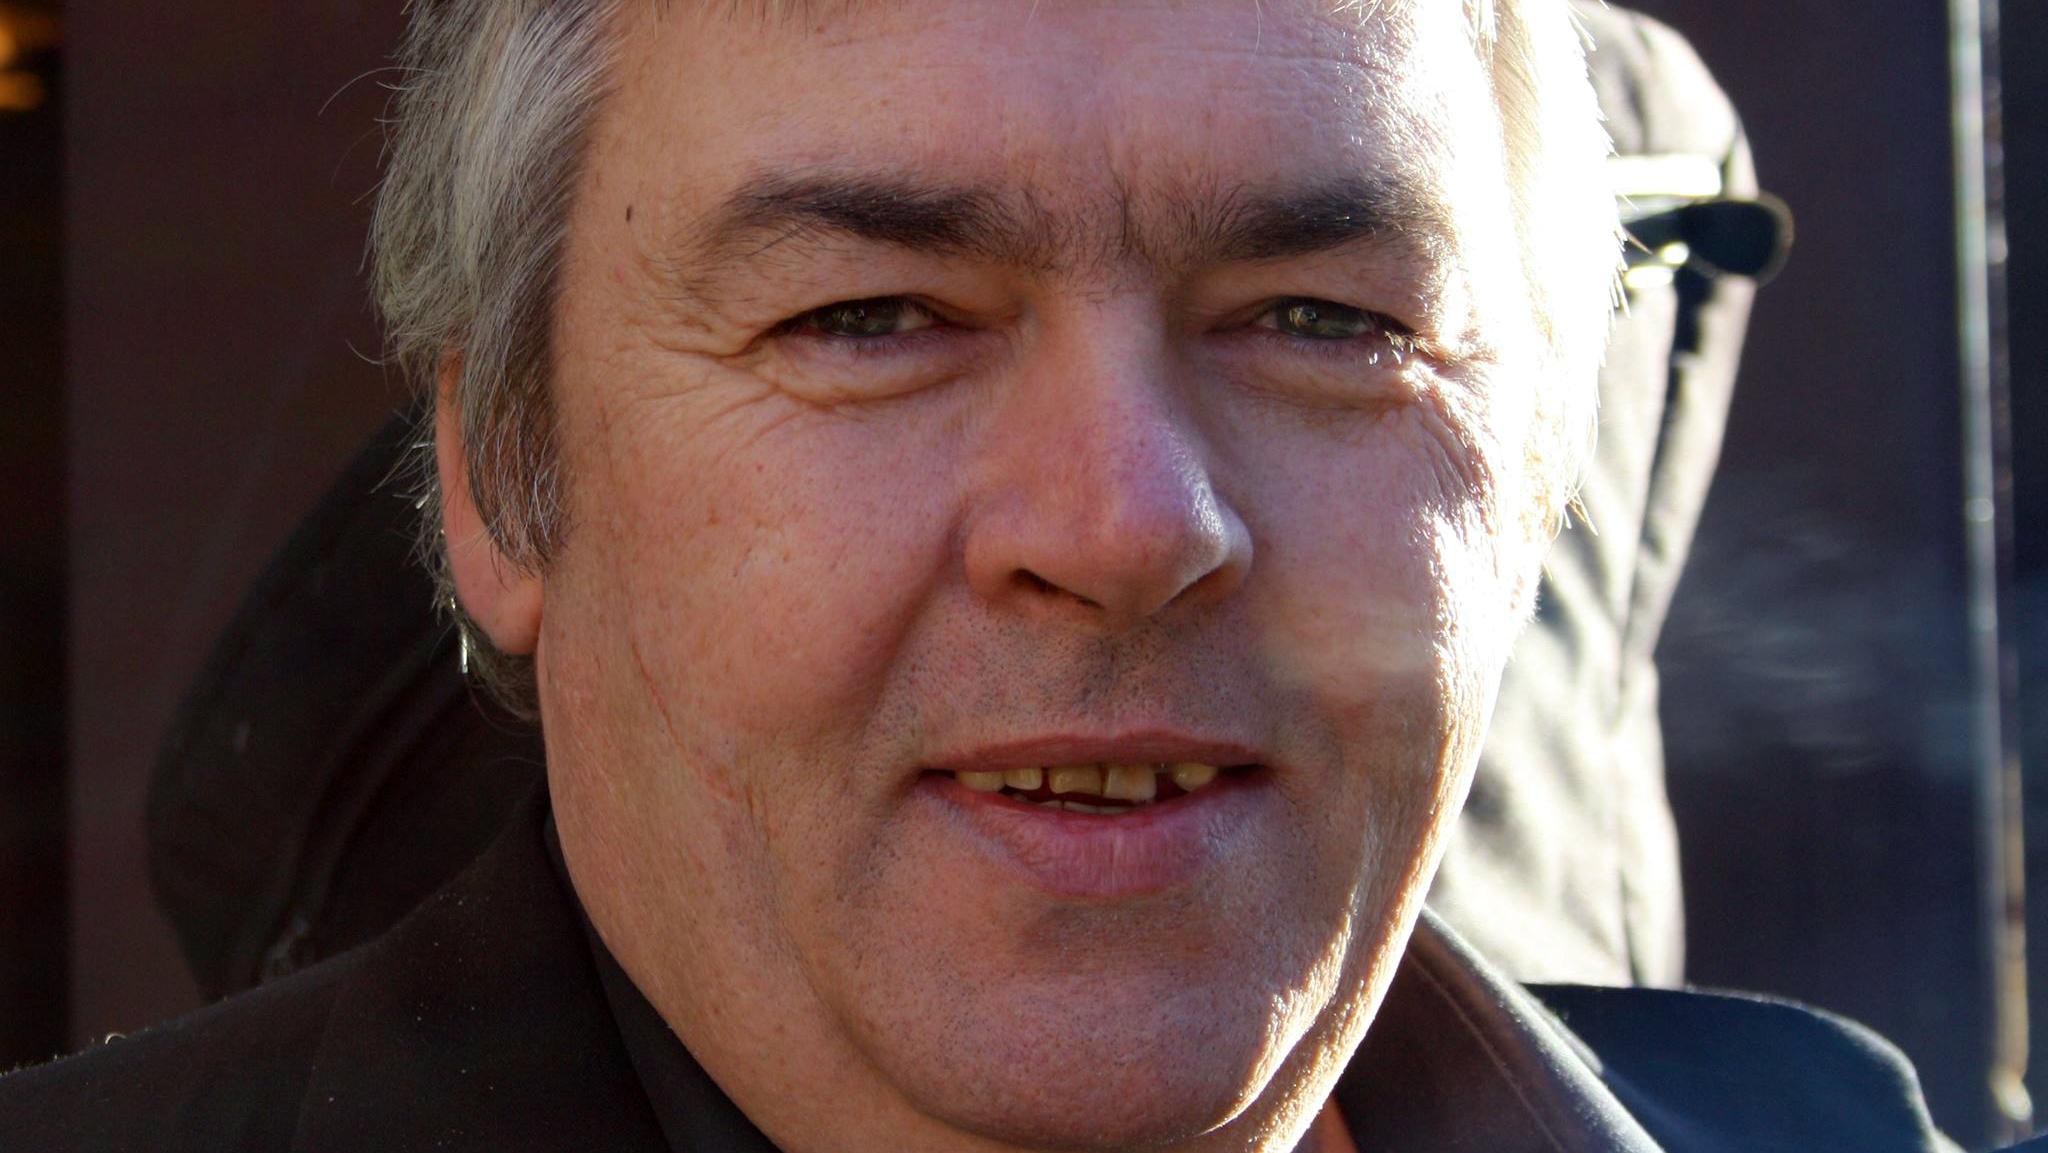 Haraldur Axel Johannsson